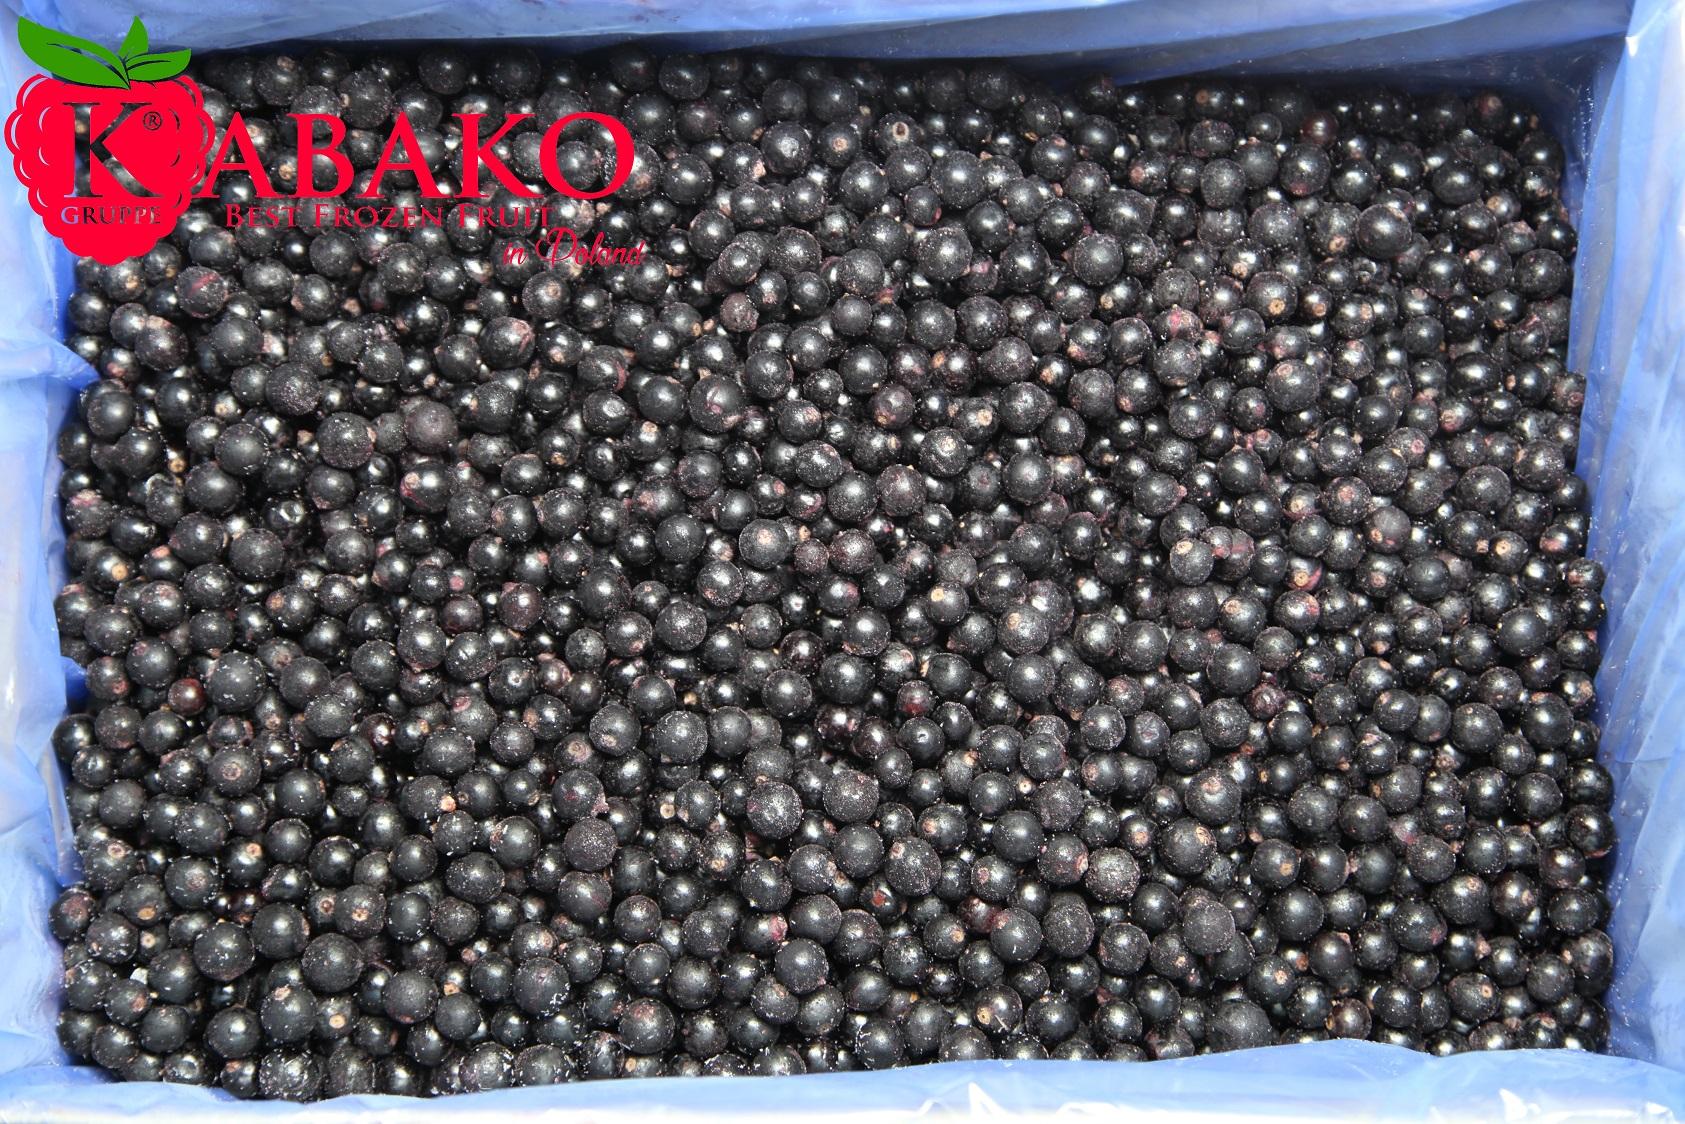 Frozen (IQF) Black Currants 7